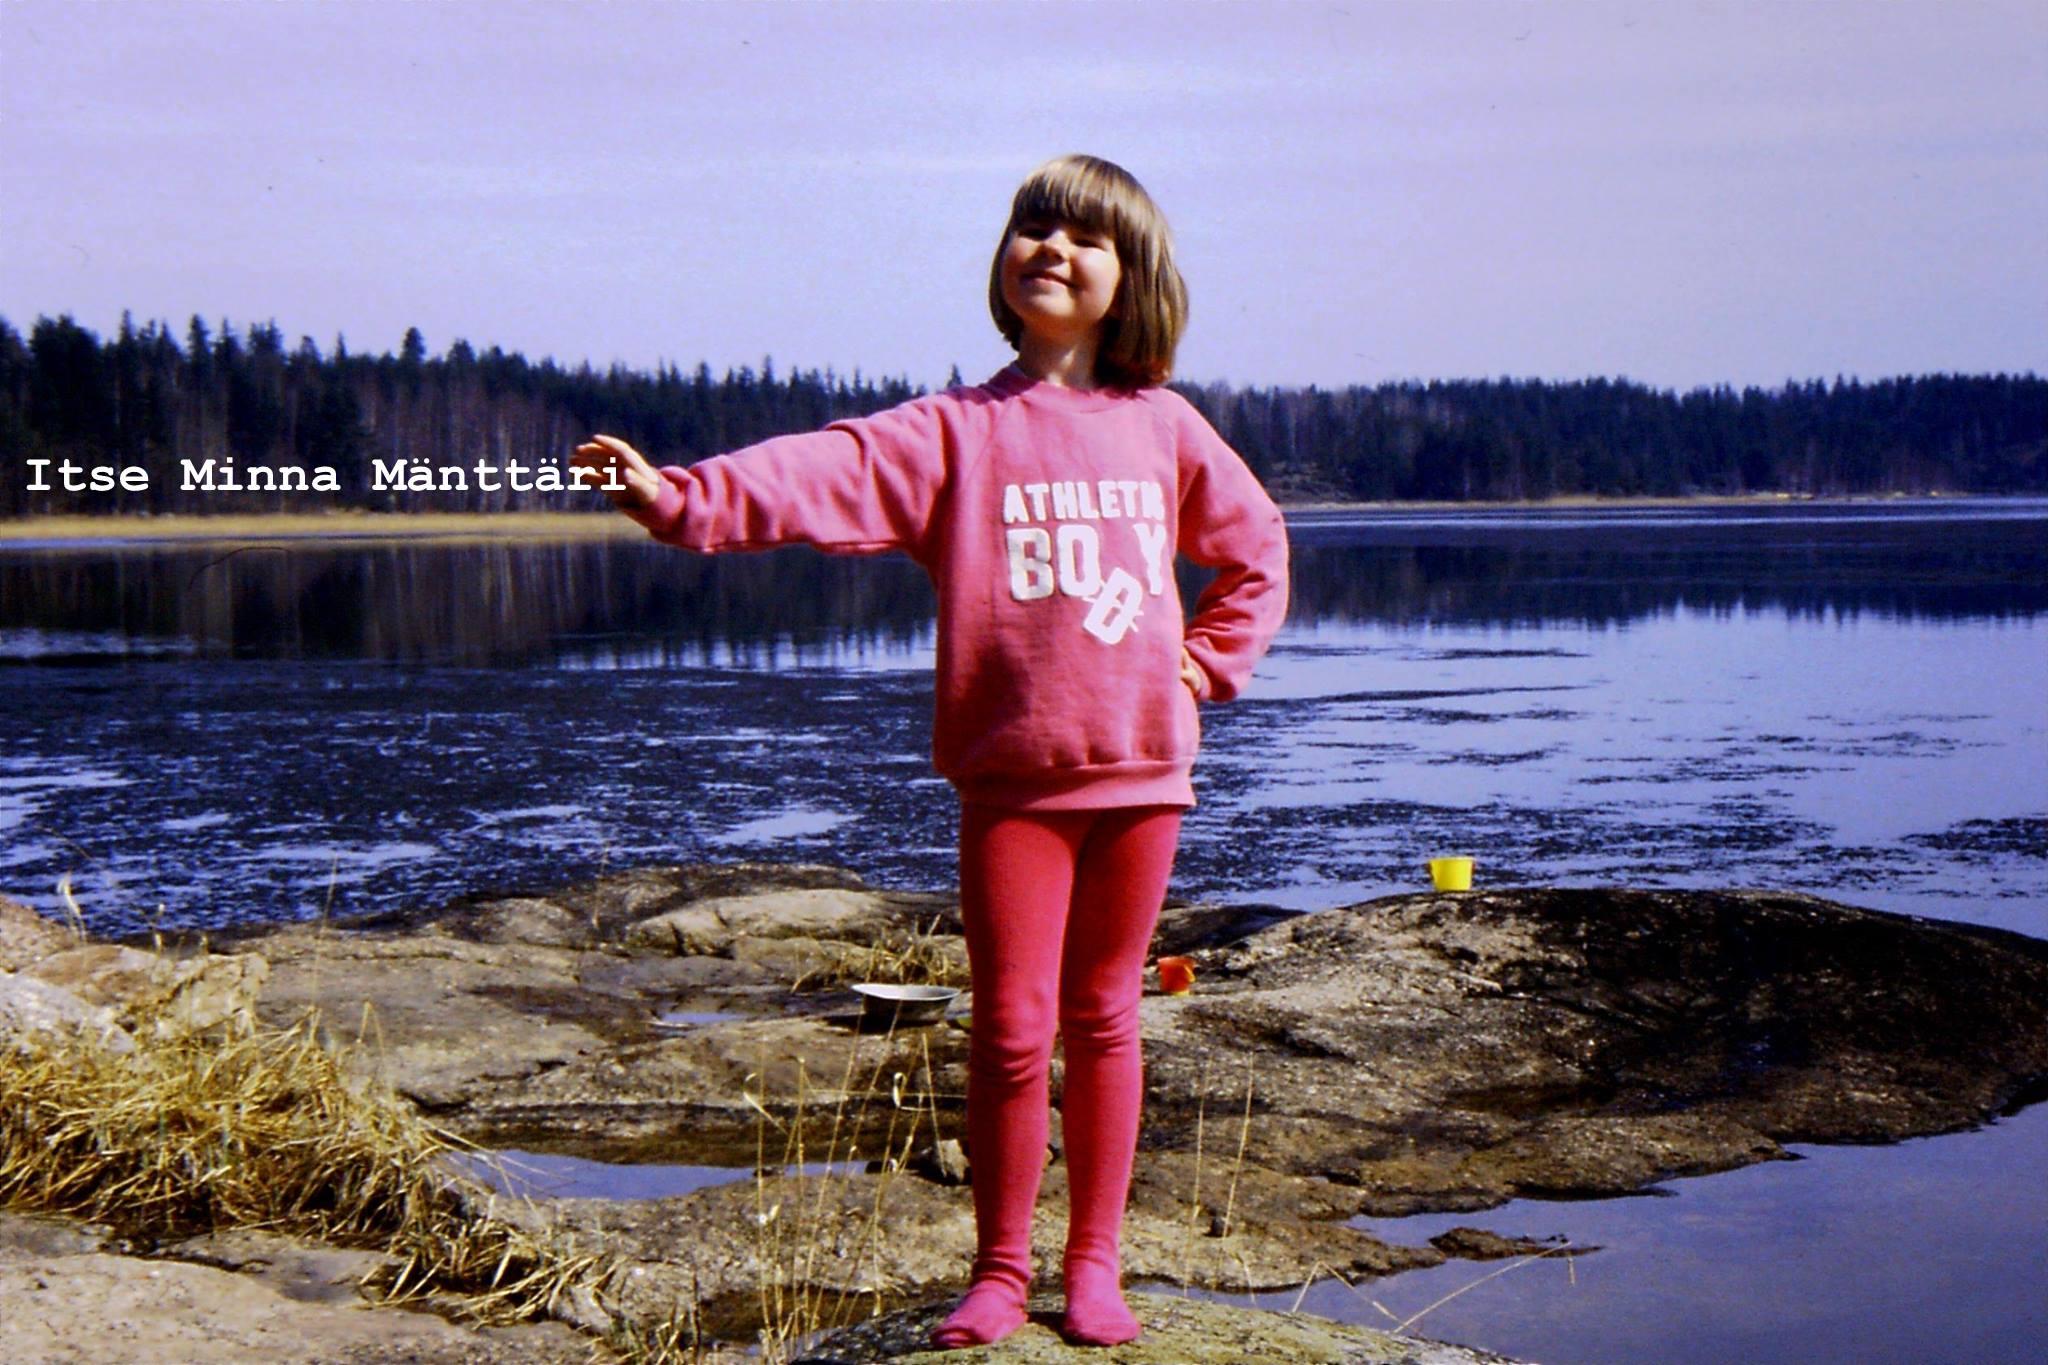 Itse Minna Mänttäri